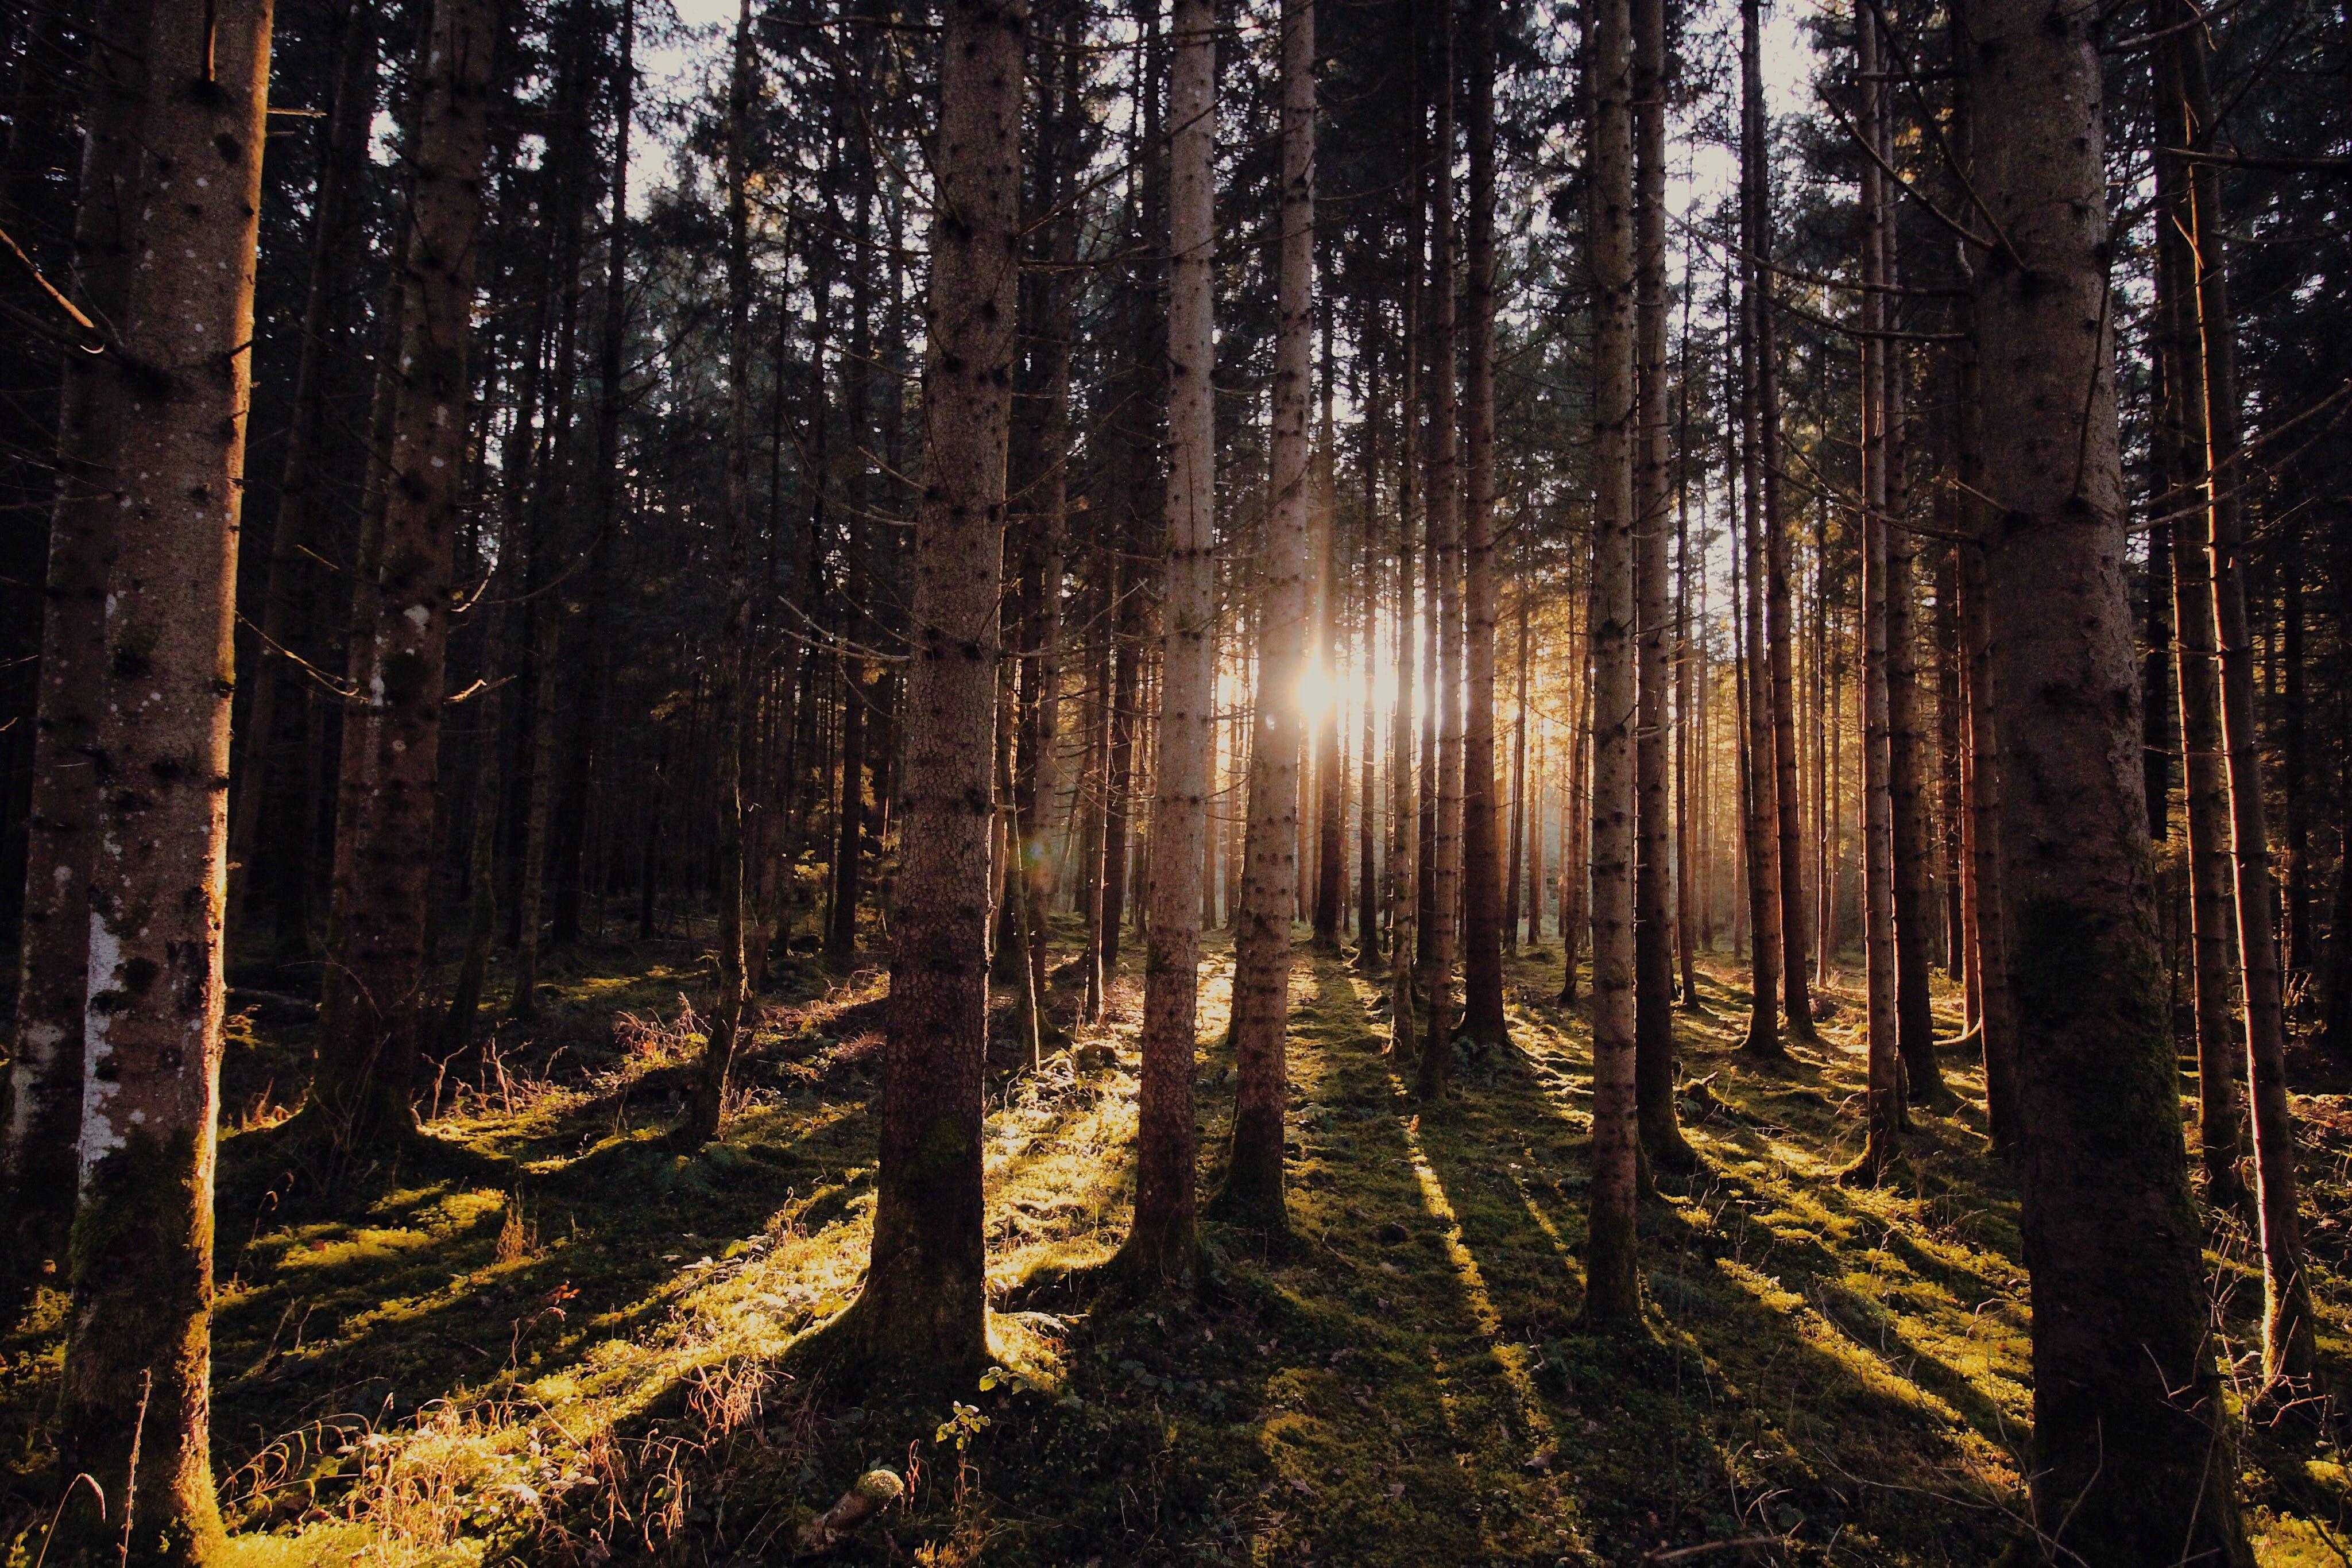 açık, ağaç gövdesi, ağaçlar, çevre içeren Ücretsiz stok fotoğraf